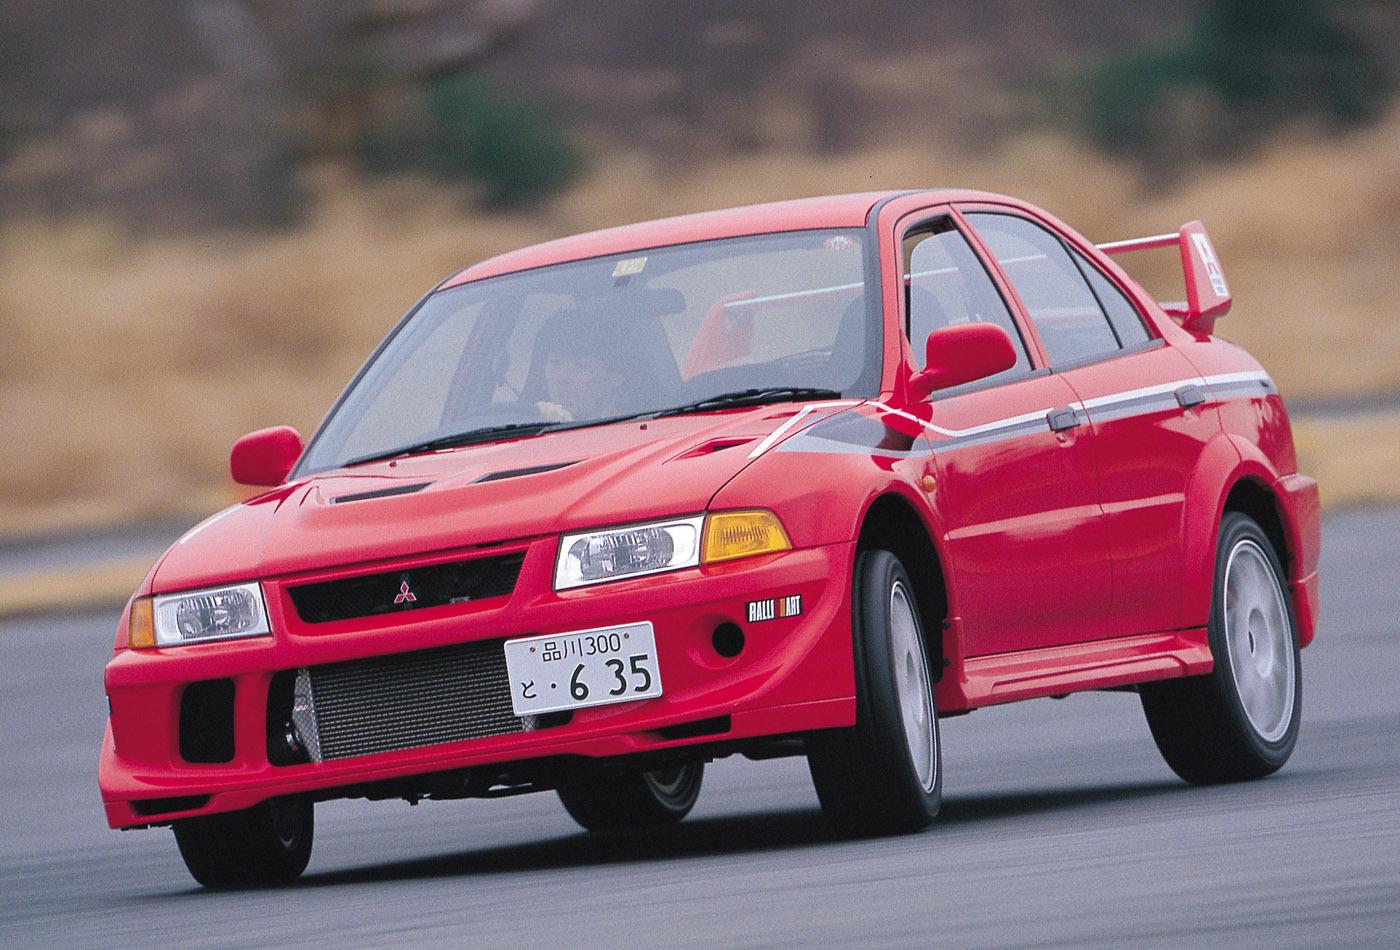 片岡氏が「ベスト・ランエボ」に挙げたのは2000年1月に発売された「ランエボ6 トミ・マキネンエディション」。ランエボを駆って4年連続ドライバーズチャンピオンを獲得したトミ・マキネン氏は、現在トヨタラリーチームの代表を務めている